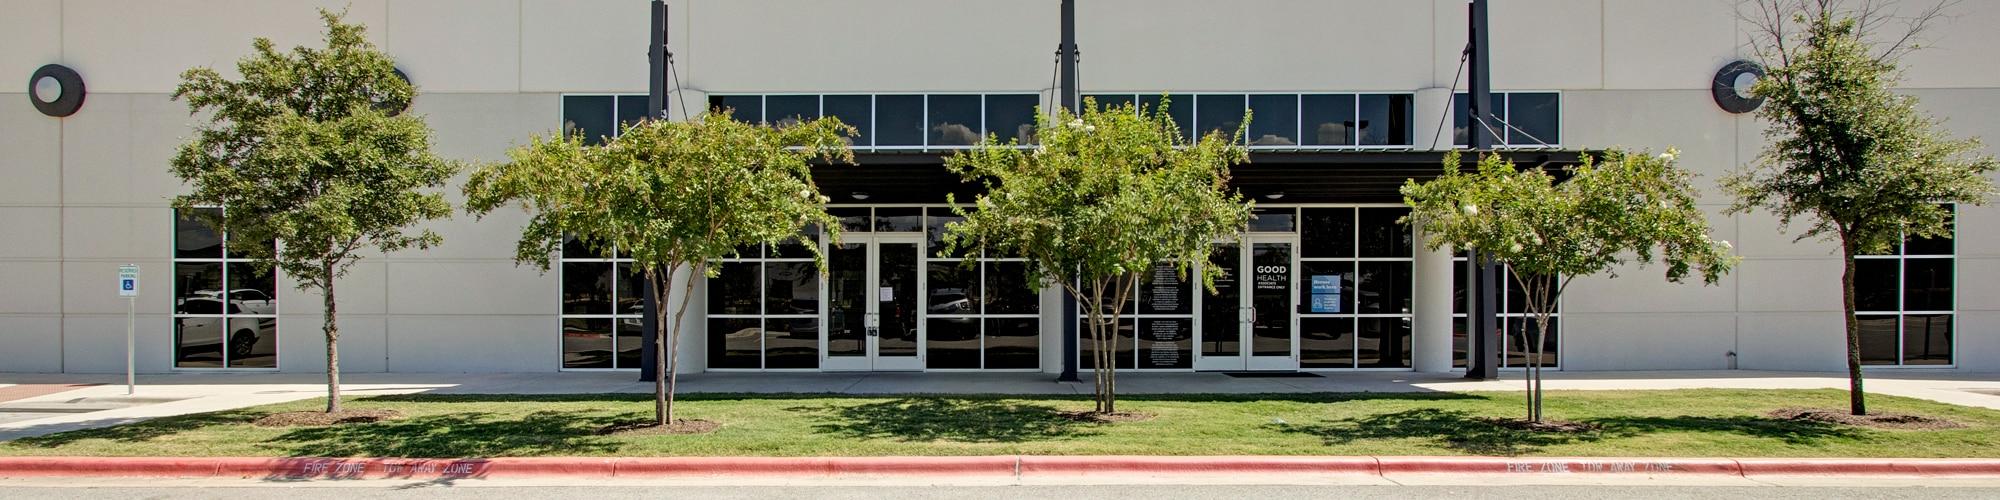 MetCenter II - Building-13-1